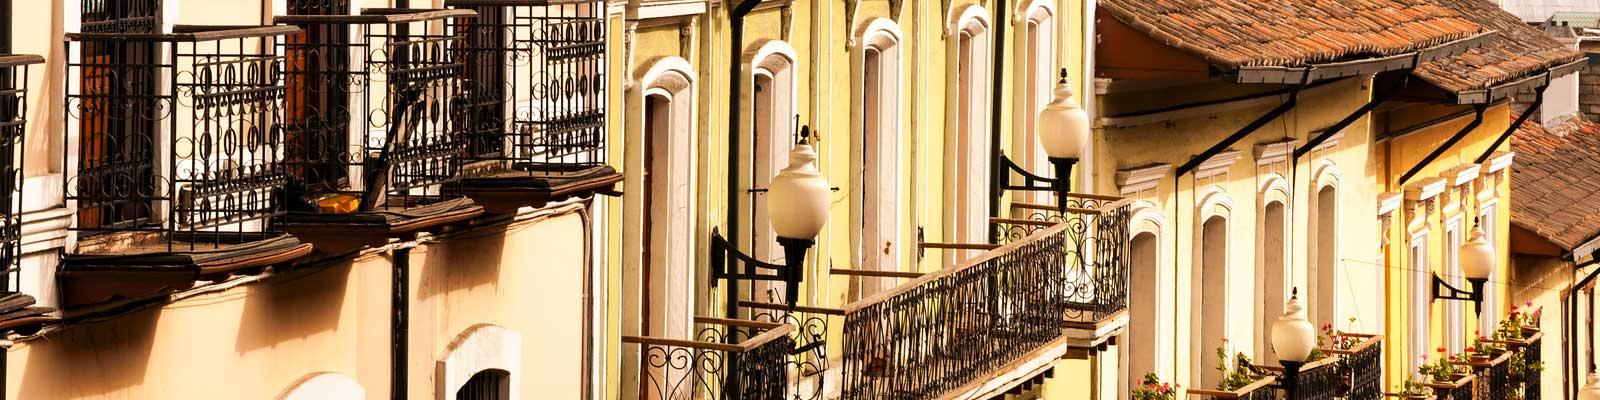 Ecuador Immobilien - Büros, Bauflächen, Hotels - Bauen, Investieren, Mieten